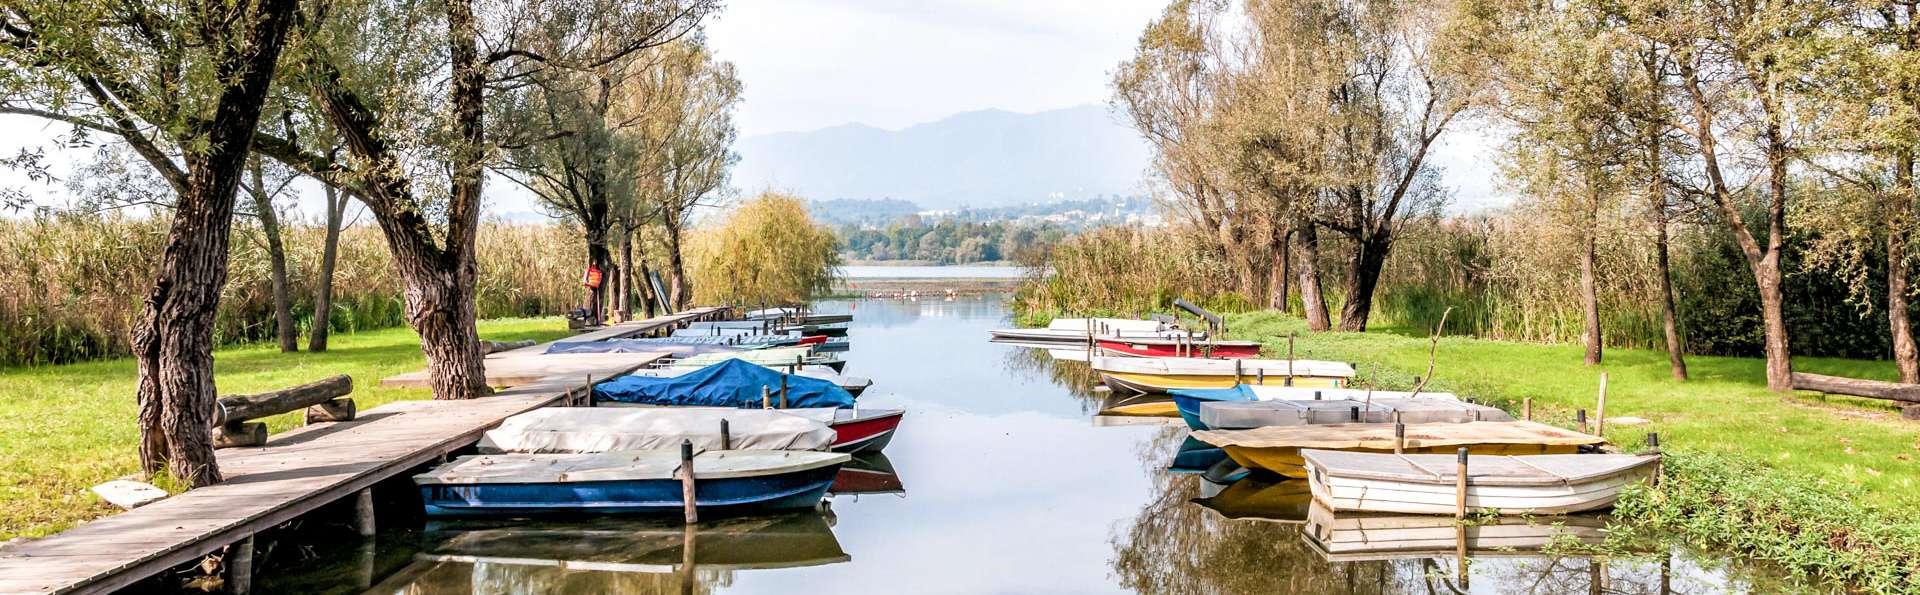 Oasis de paix et de tranquillité dans la nature près du lac Majeur !